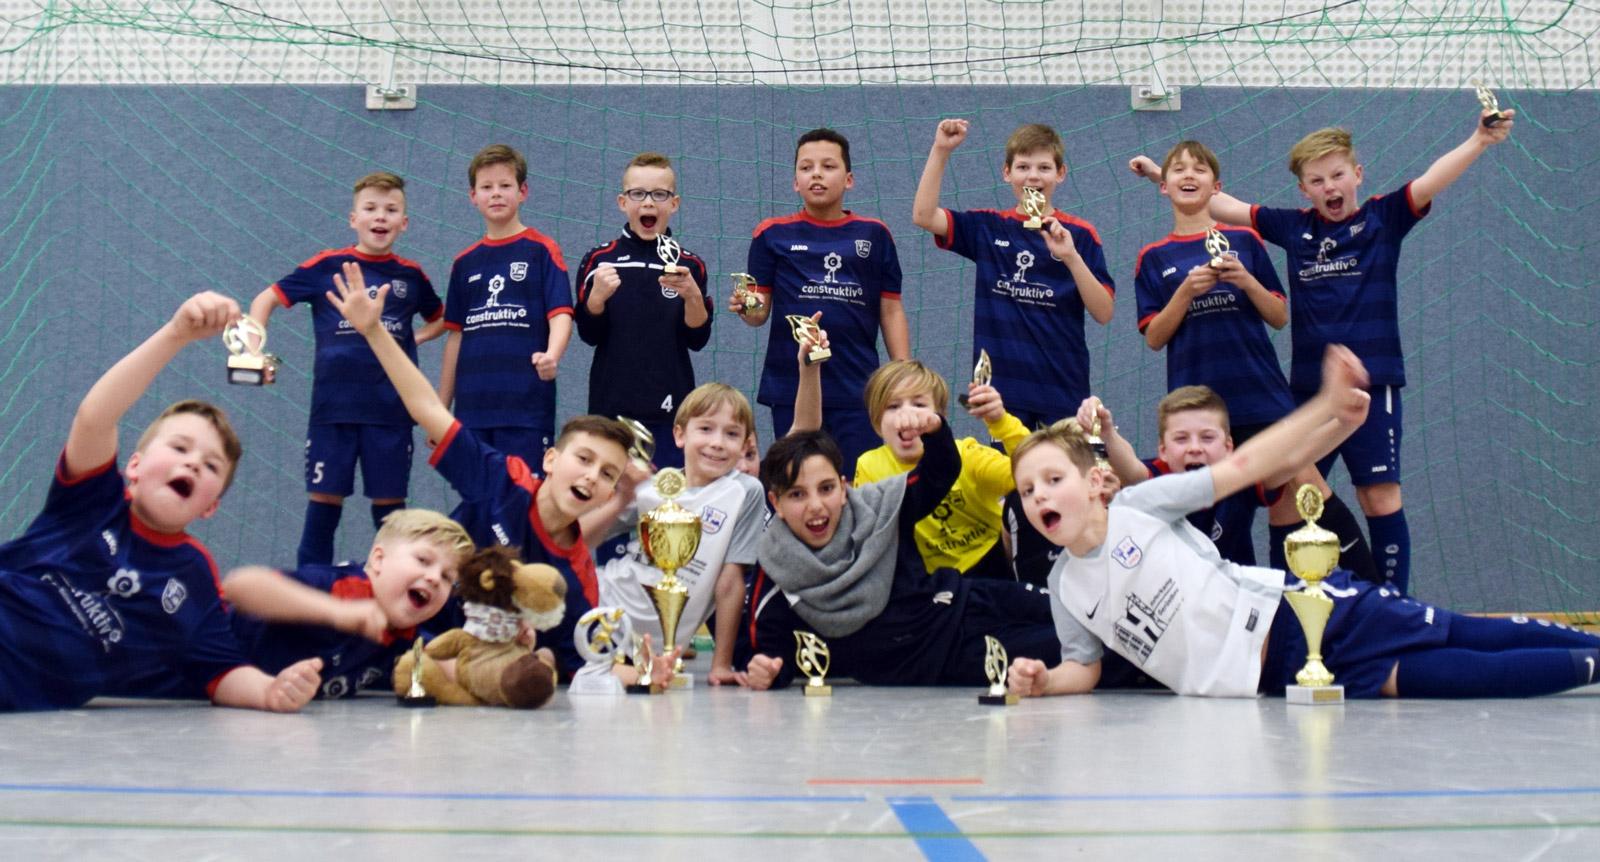 Die beiden Teams des Gastgebers VfL Stenum freuen sich über ihr tolles Abschneiden und die Plätze 1 und 3 in der Goldrunde.